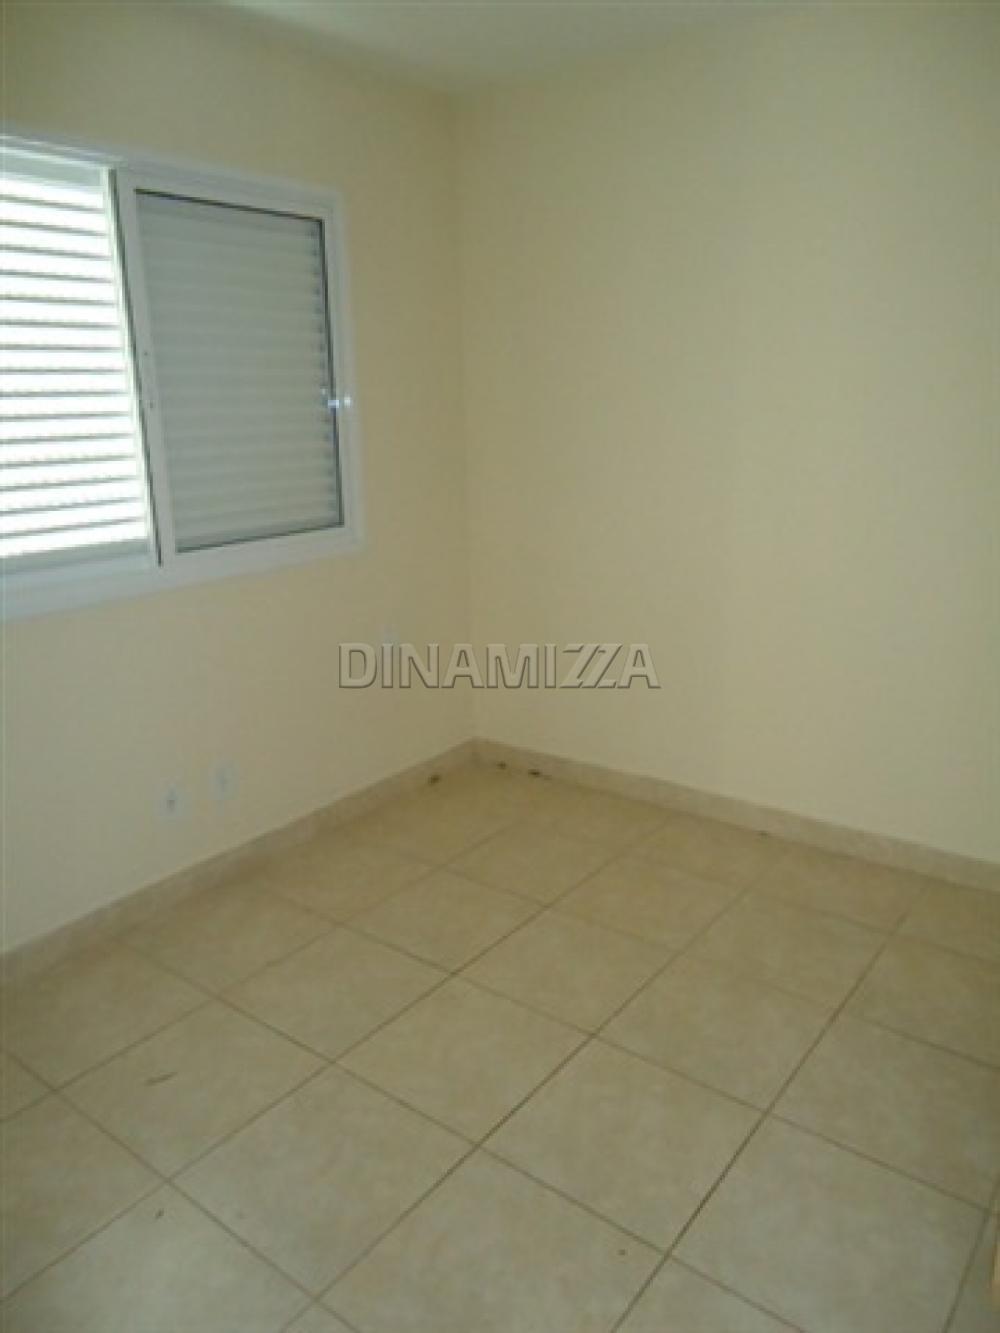 Alugar Apartamento / Padrão em Uberaba apenas R$ 1.200,00 - Foto 7